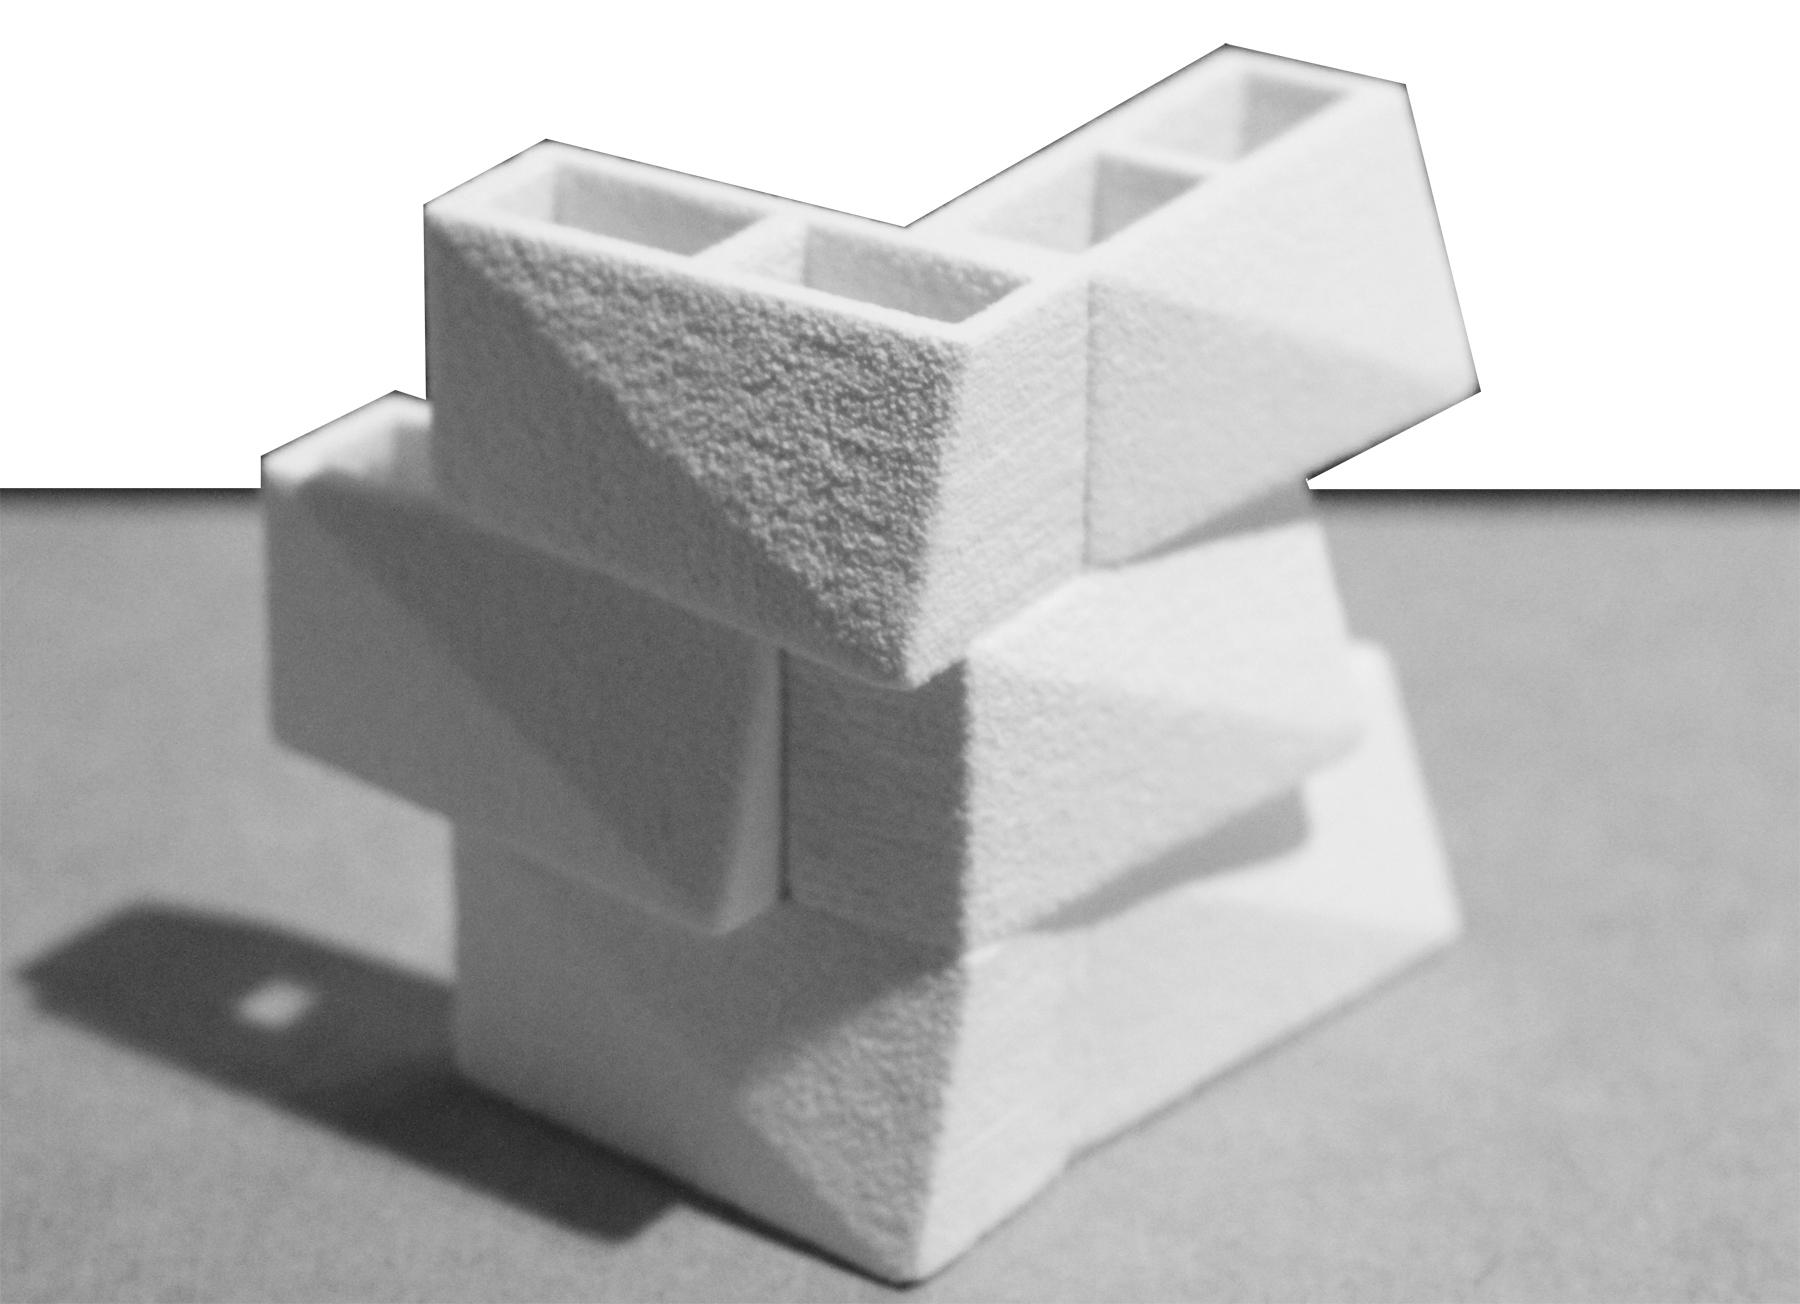 Type B: Prototype